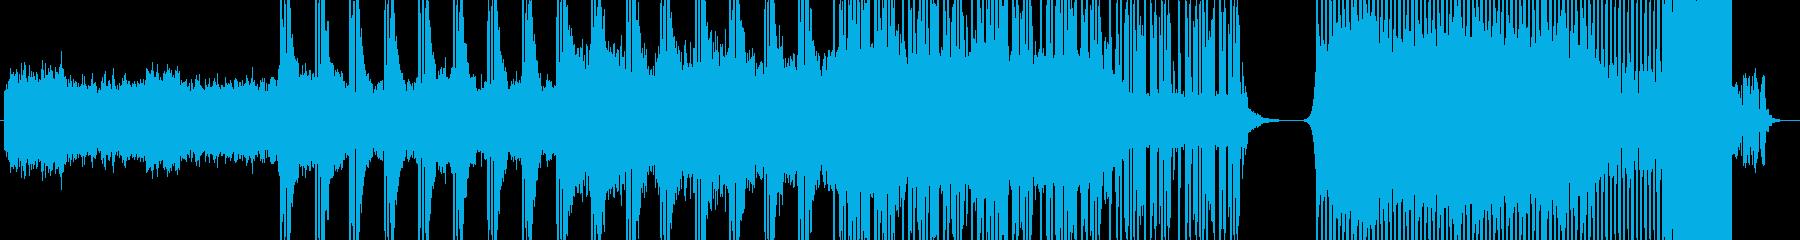 リラックスしつつテンションを上げられる曲の再生済みの波形